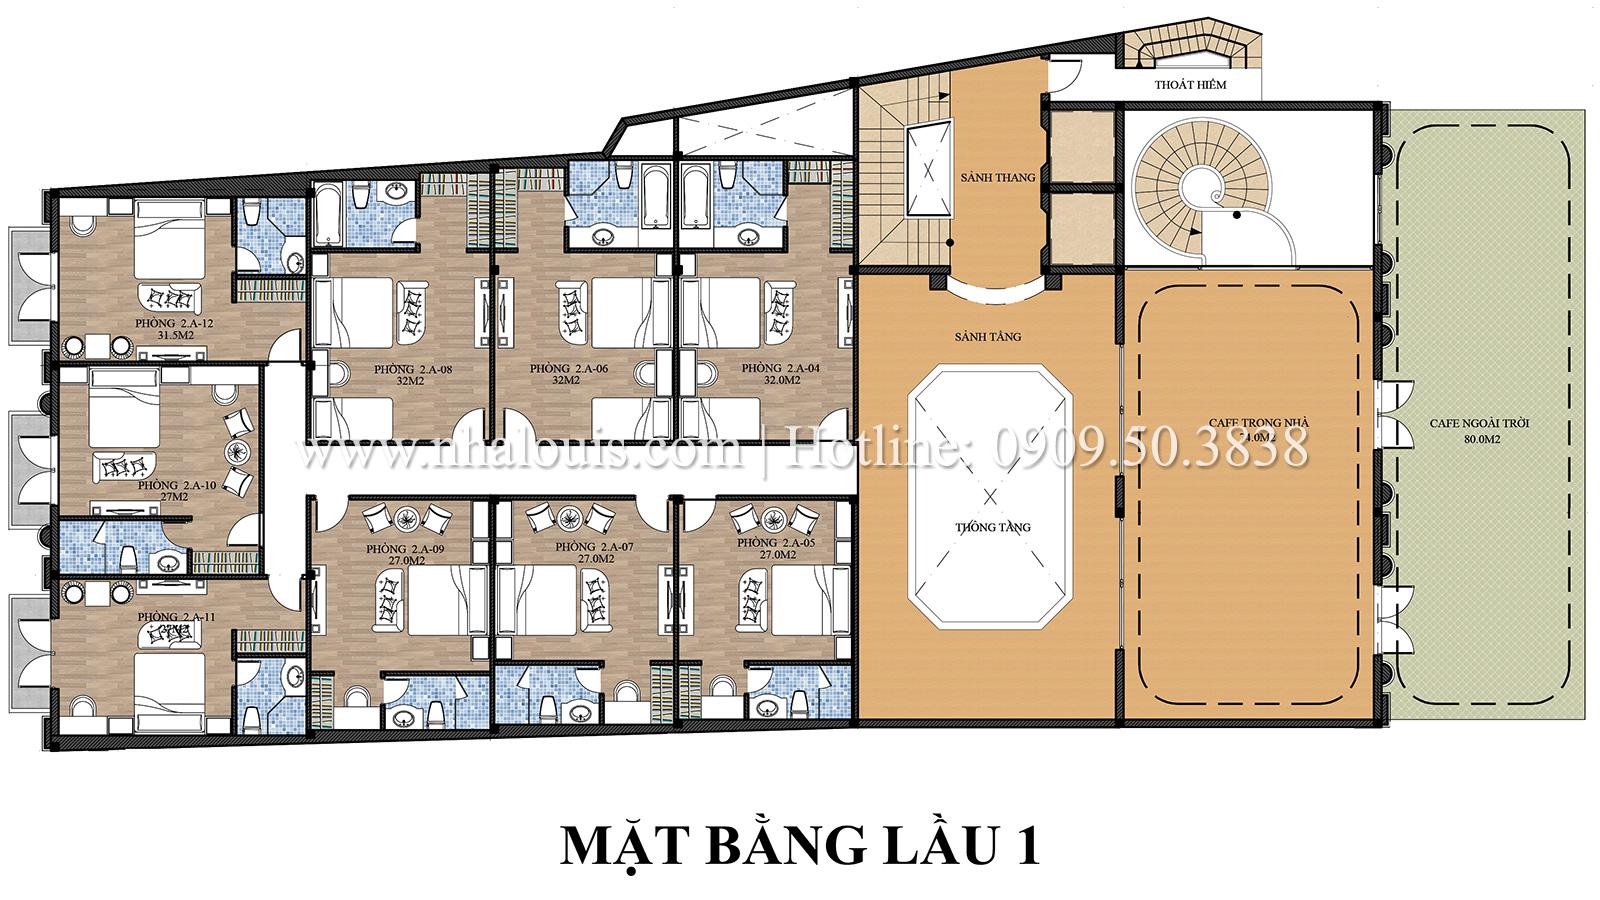 Mặt bằng tầng 1 Mẫu khách sạn phong cách cổ điển kết hợp quán cafe tại An Giang - 06